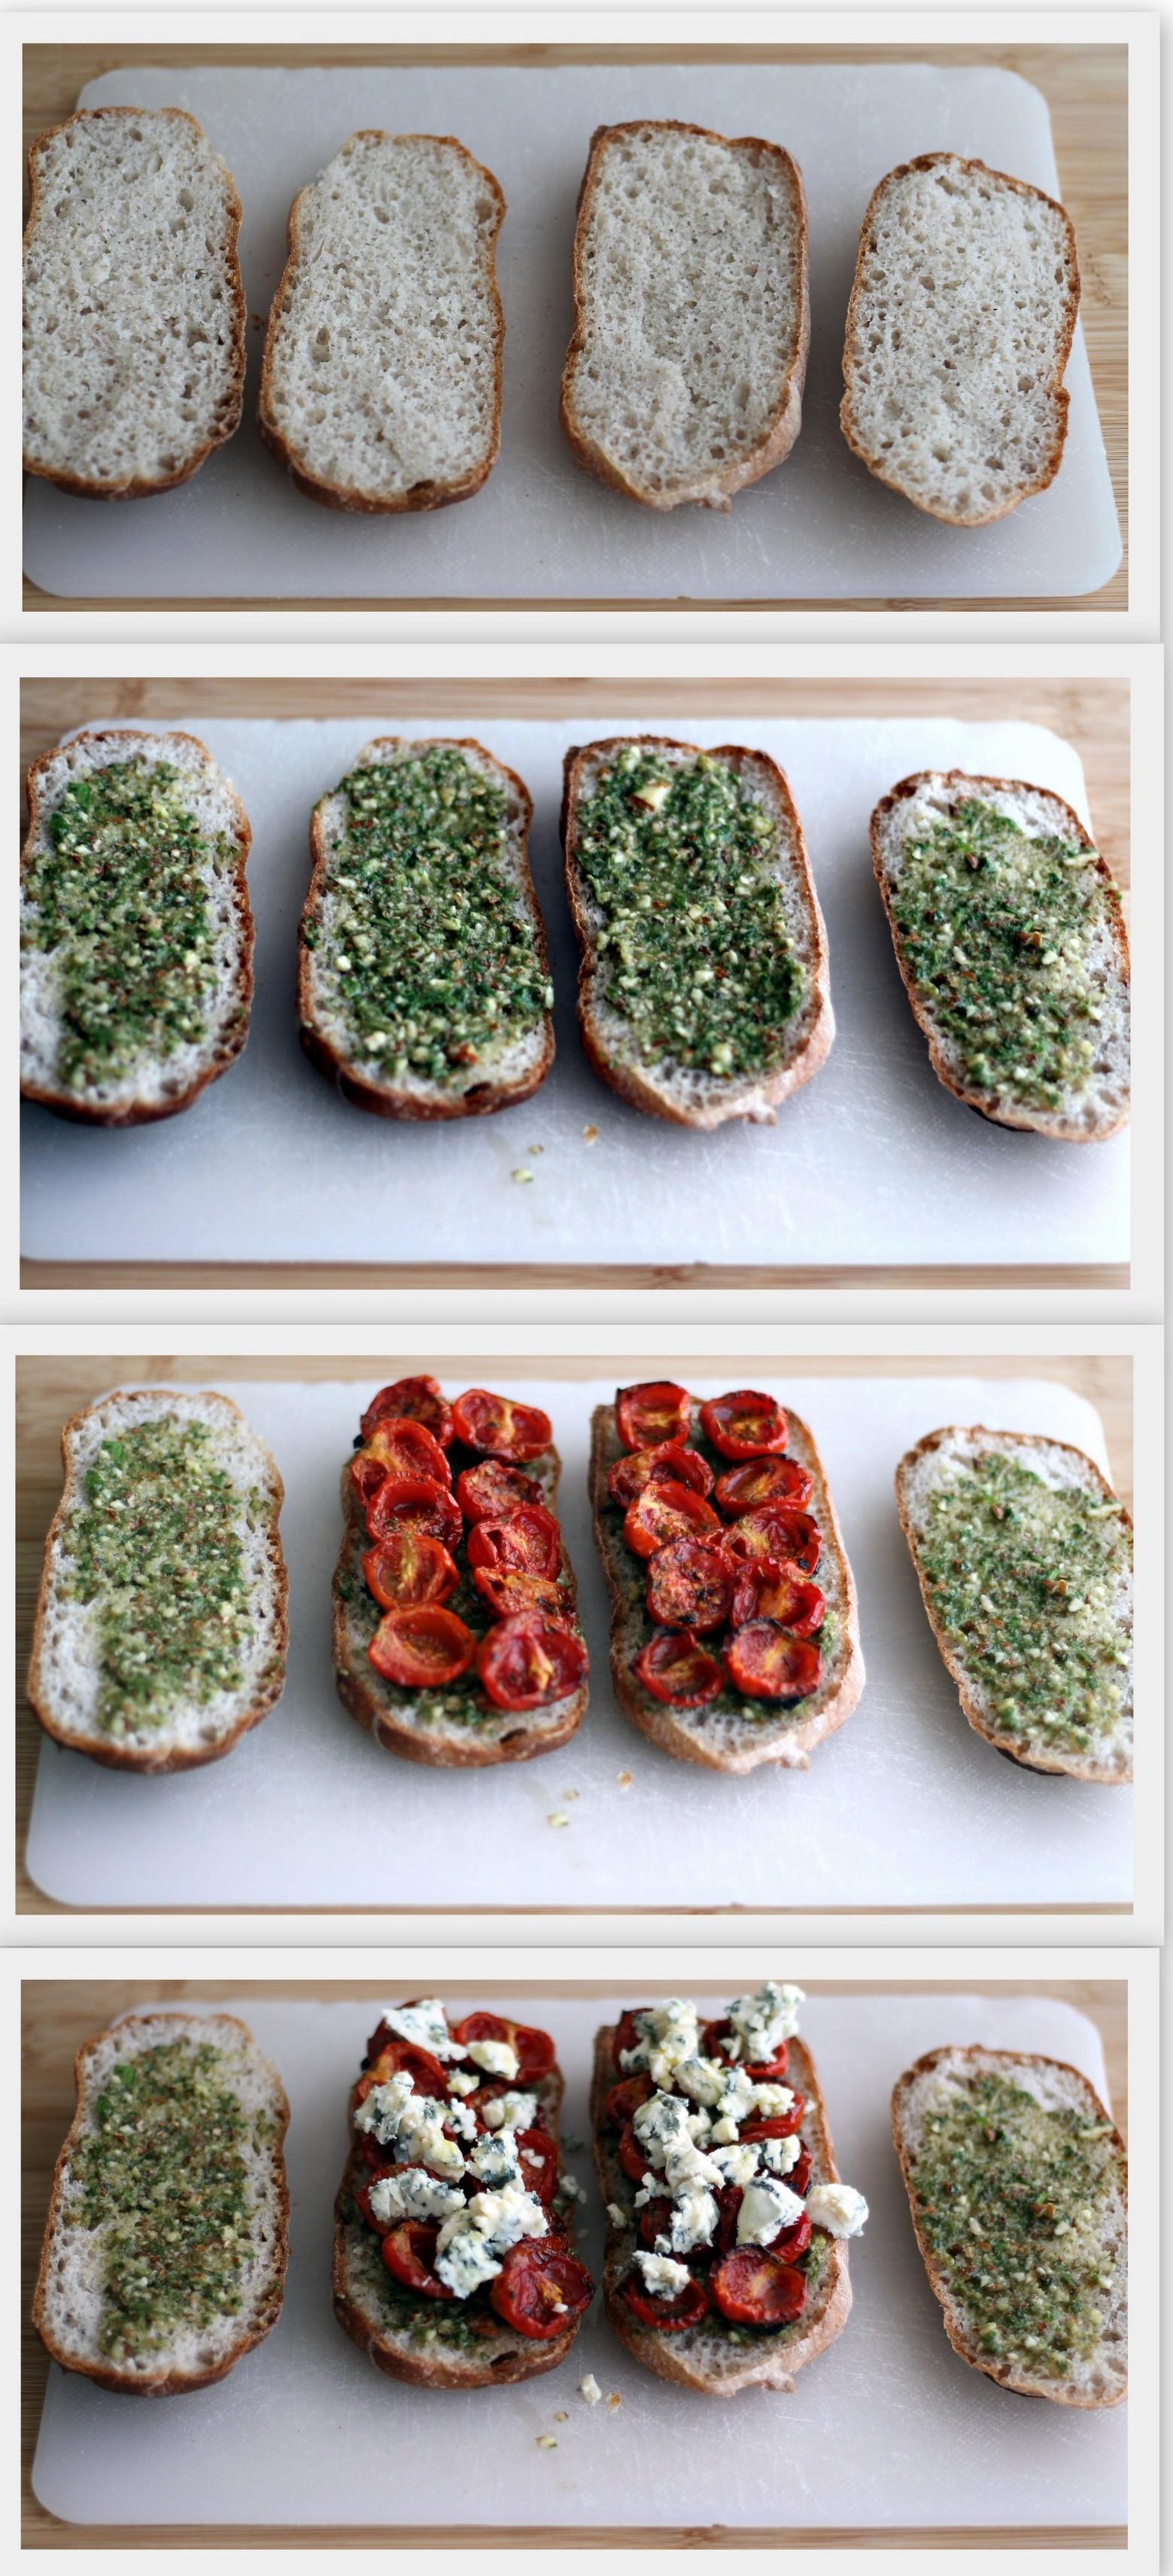 Panino senza glutine con pomodorini confit e gorgonzola - La Cassata Celiaca